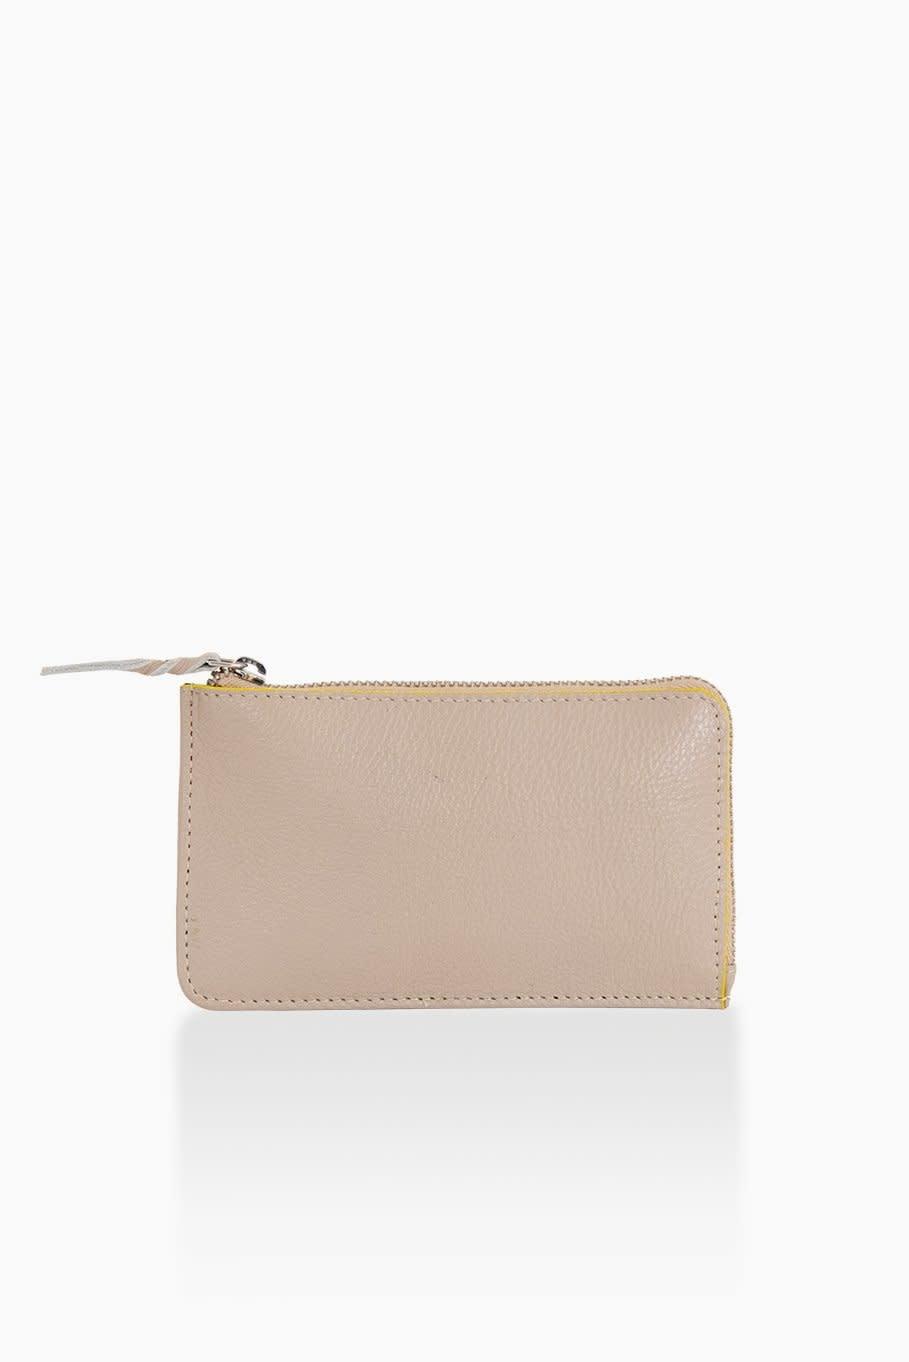 Détail Détail Fortune wallet - taupe 14 x 8 cm